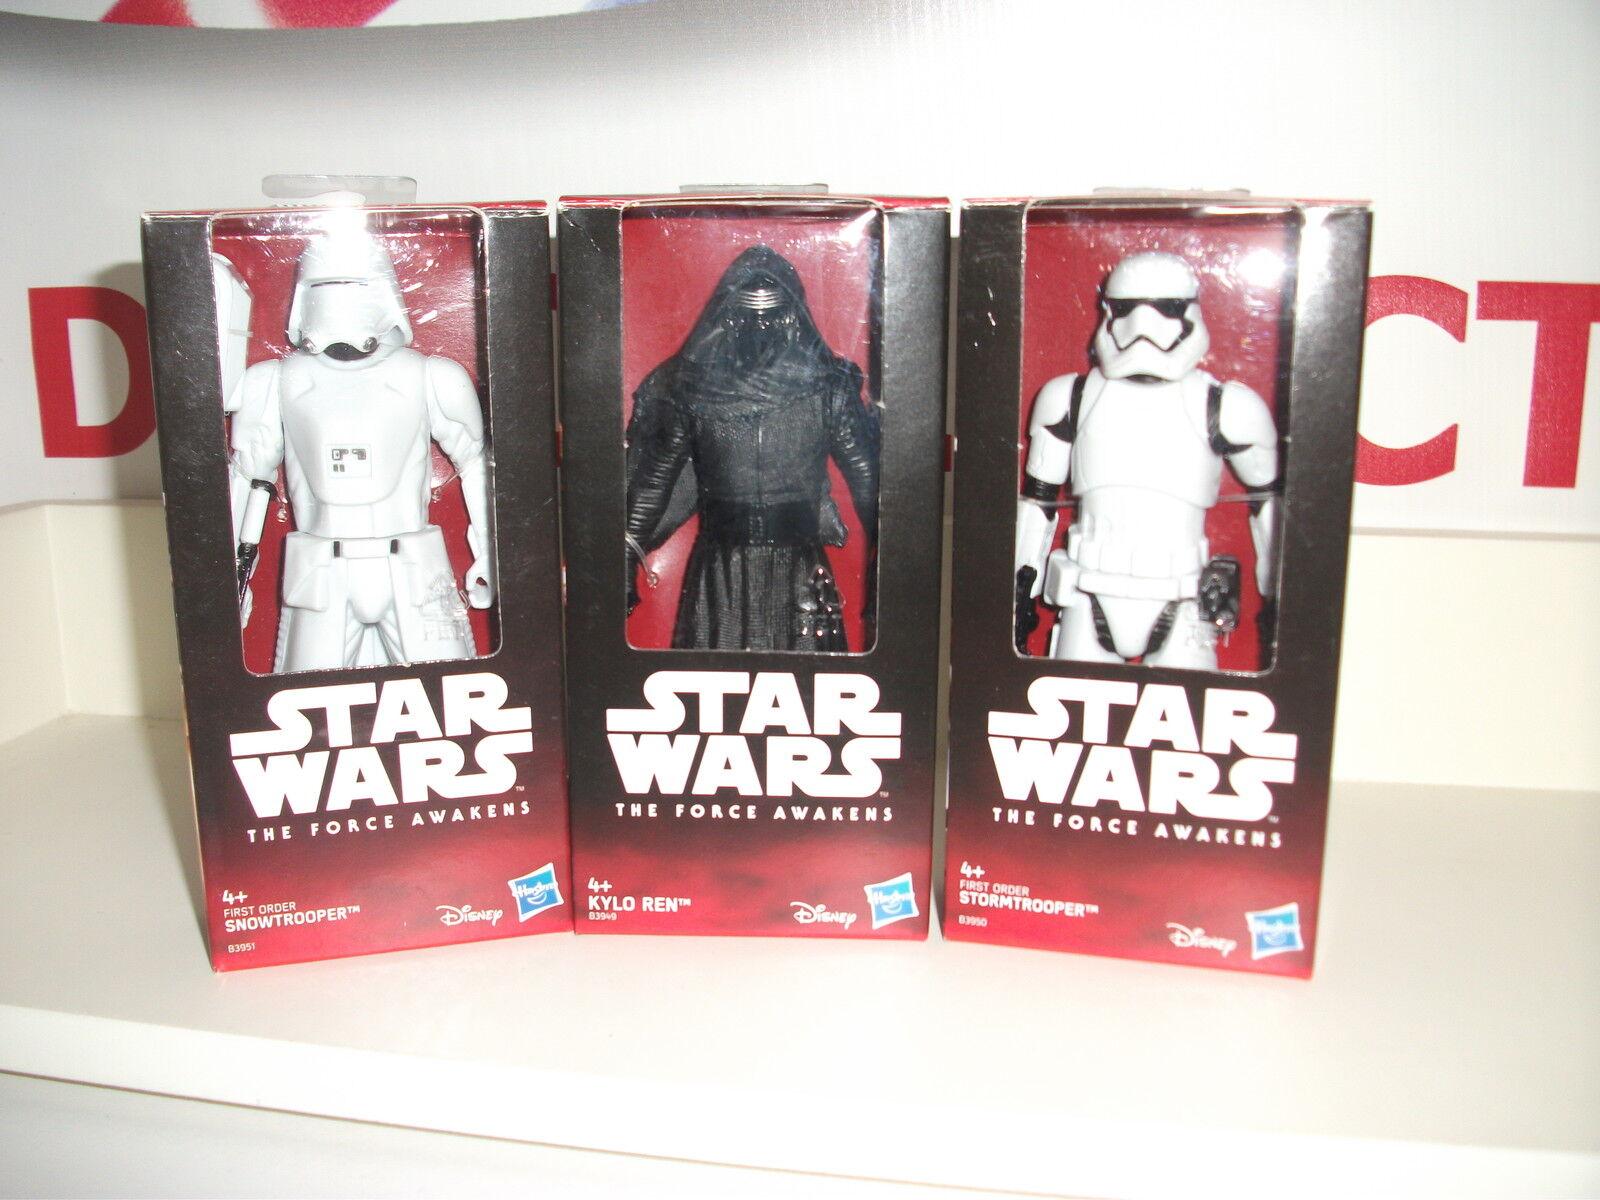 Star wars SNOWTROOPER,KYLO REN & STORMTROOPER 5  the force awakens NEW IN BOX